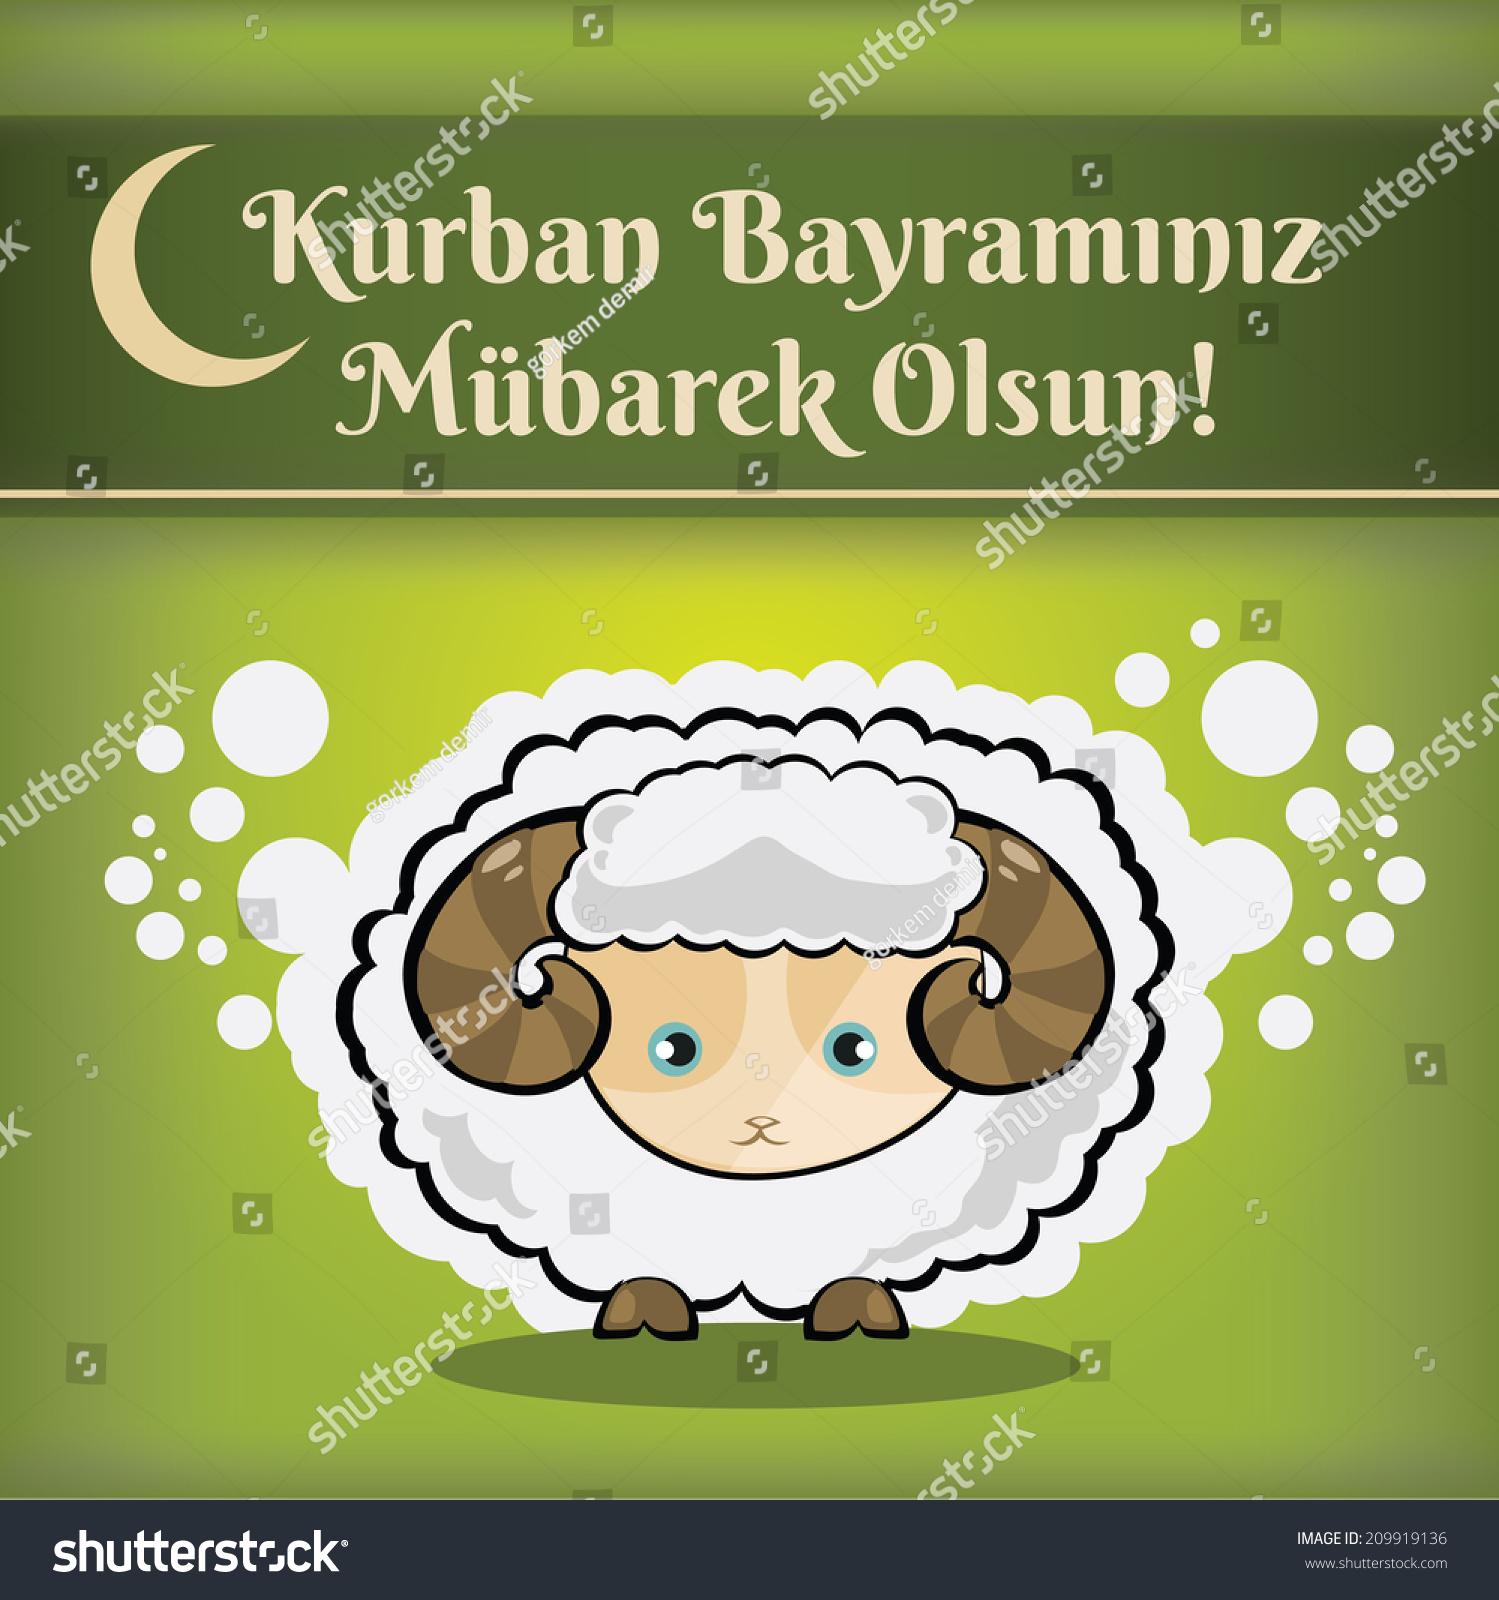 Поздравления на турецком с байрамом